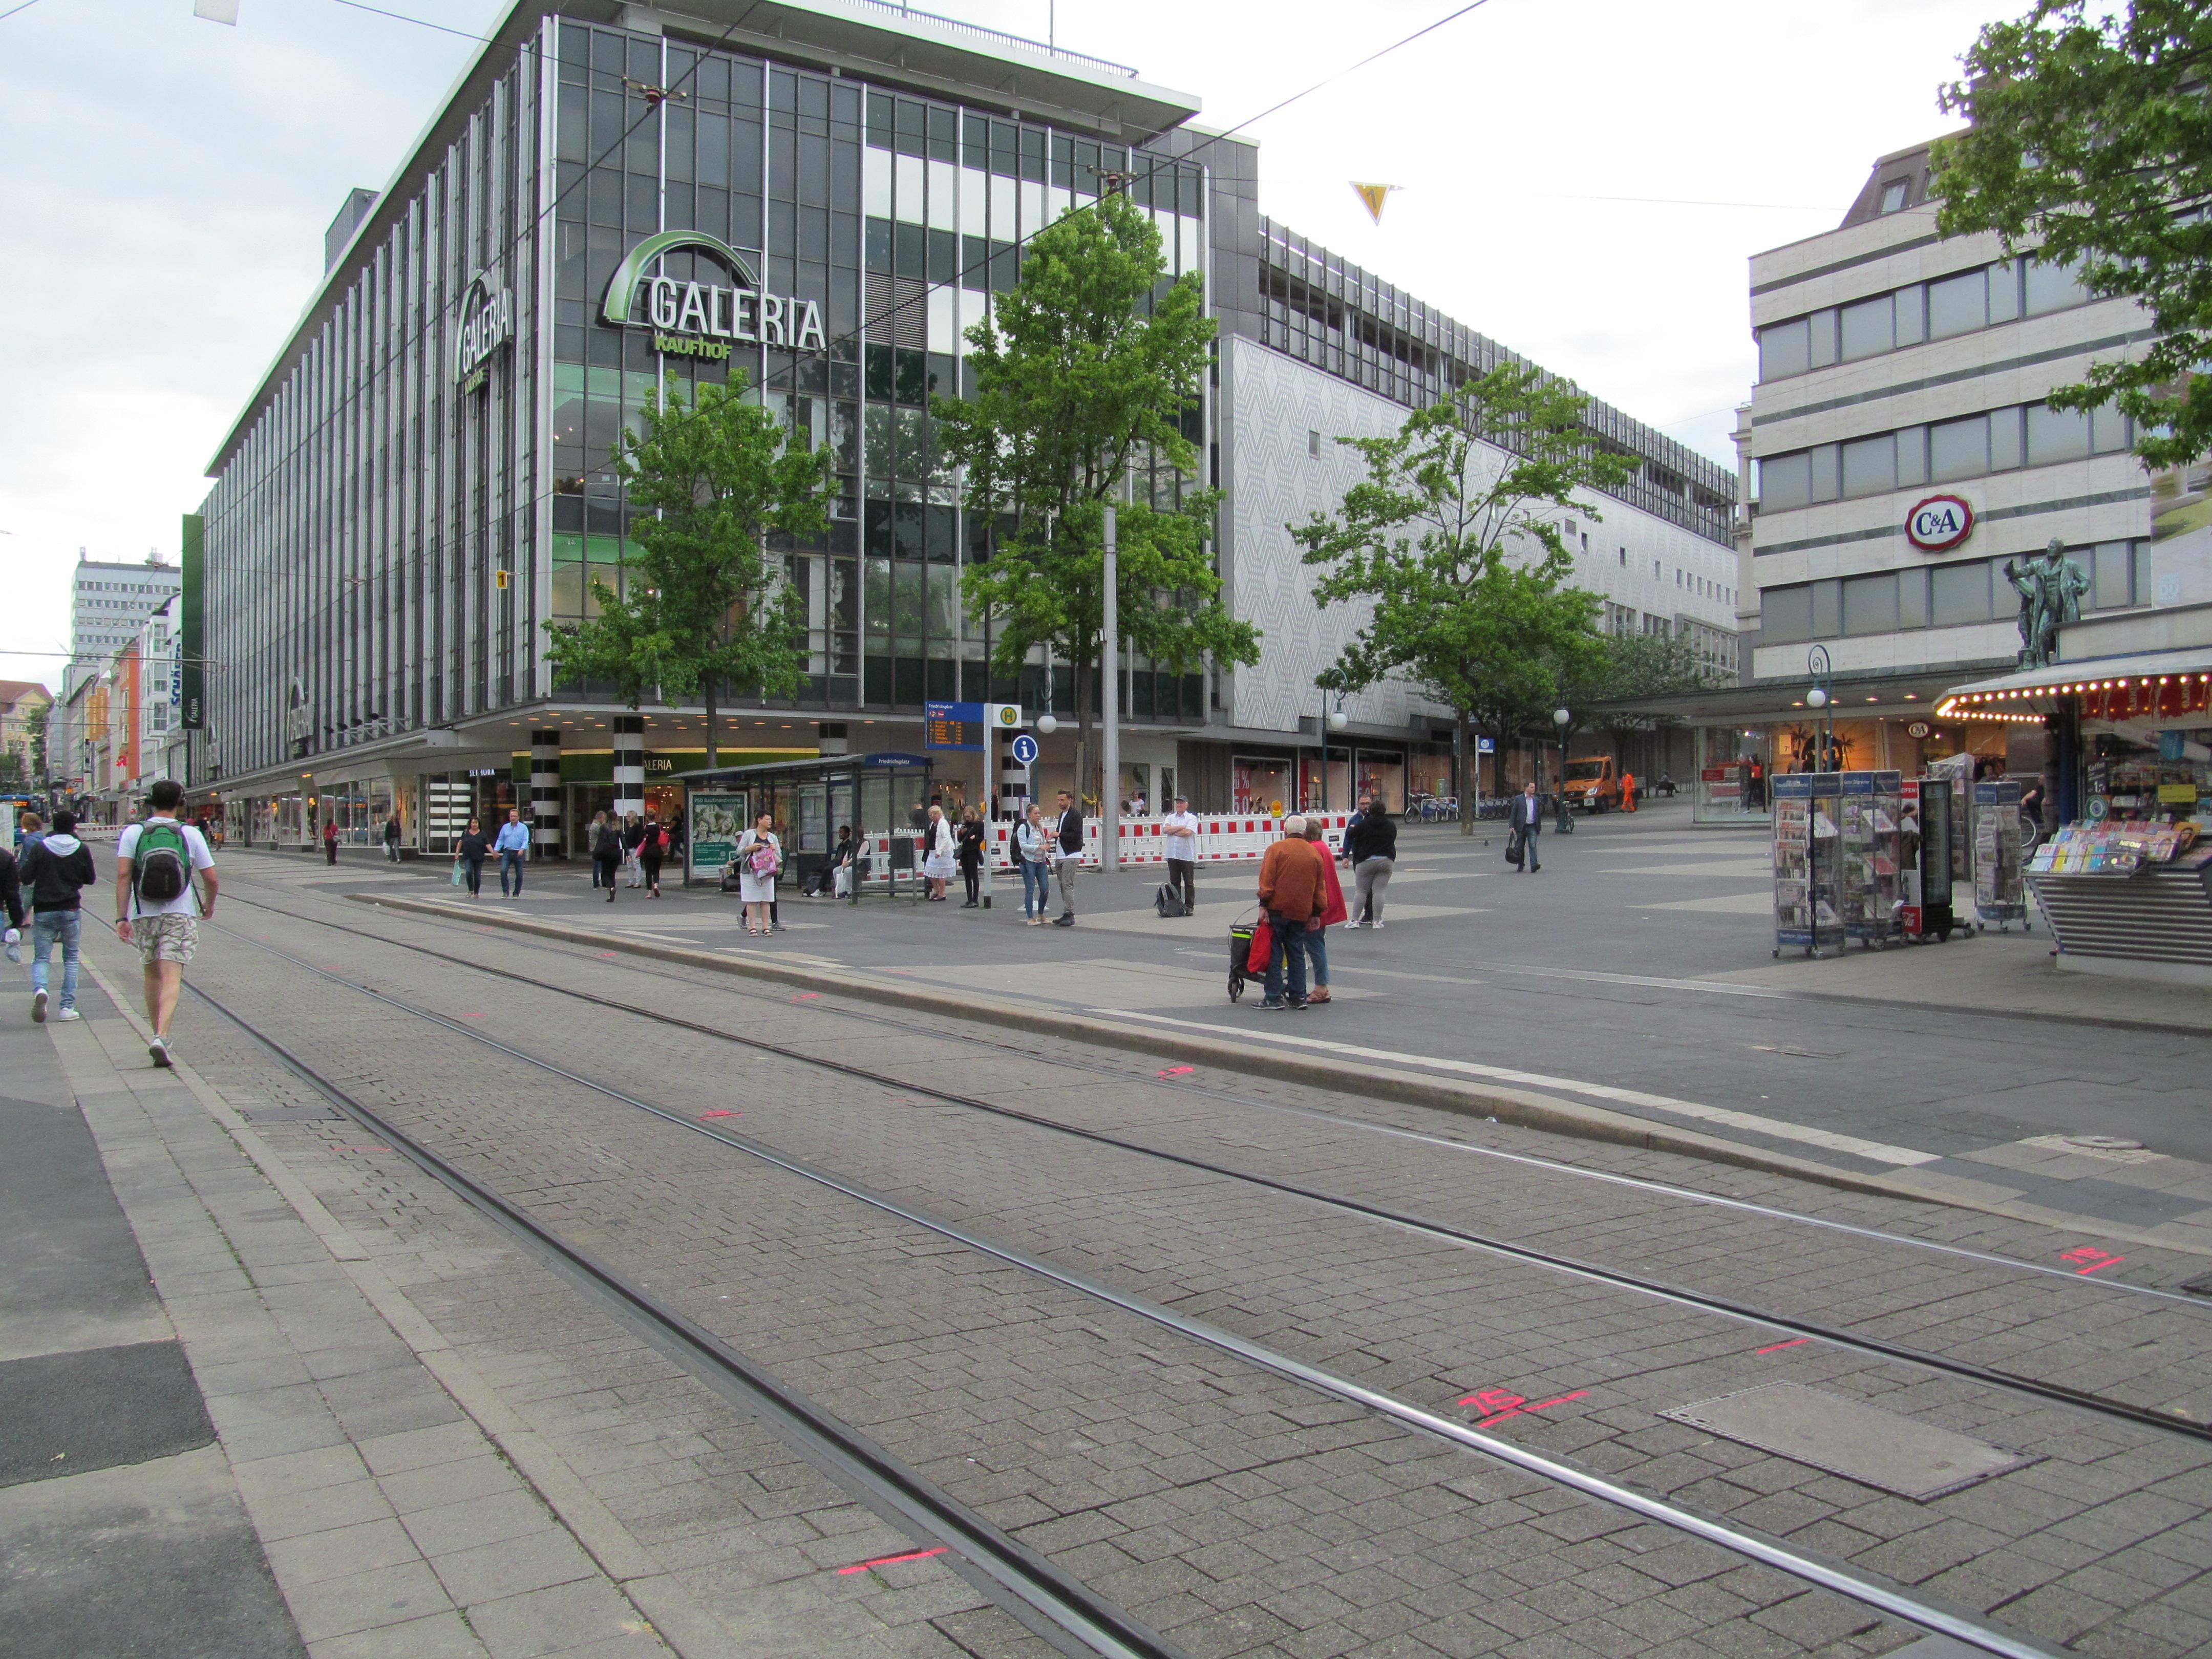 Tiefgarage Friedrichsplatz Kassel